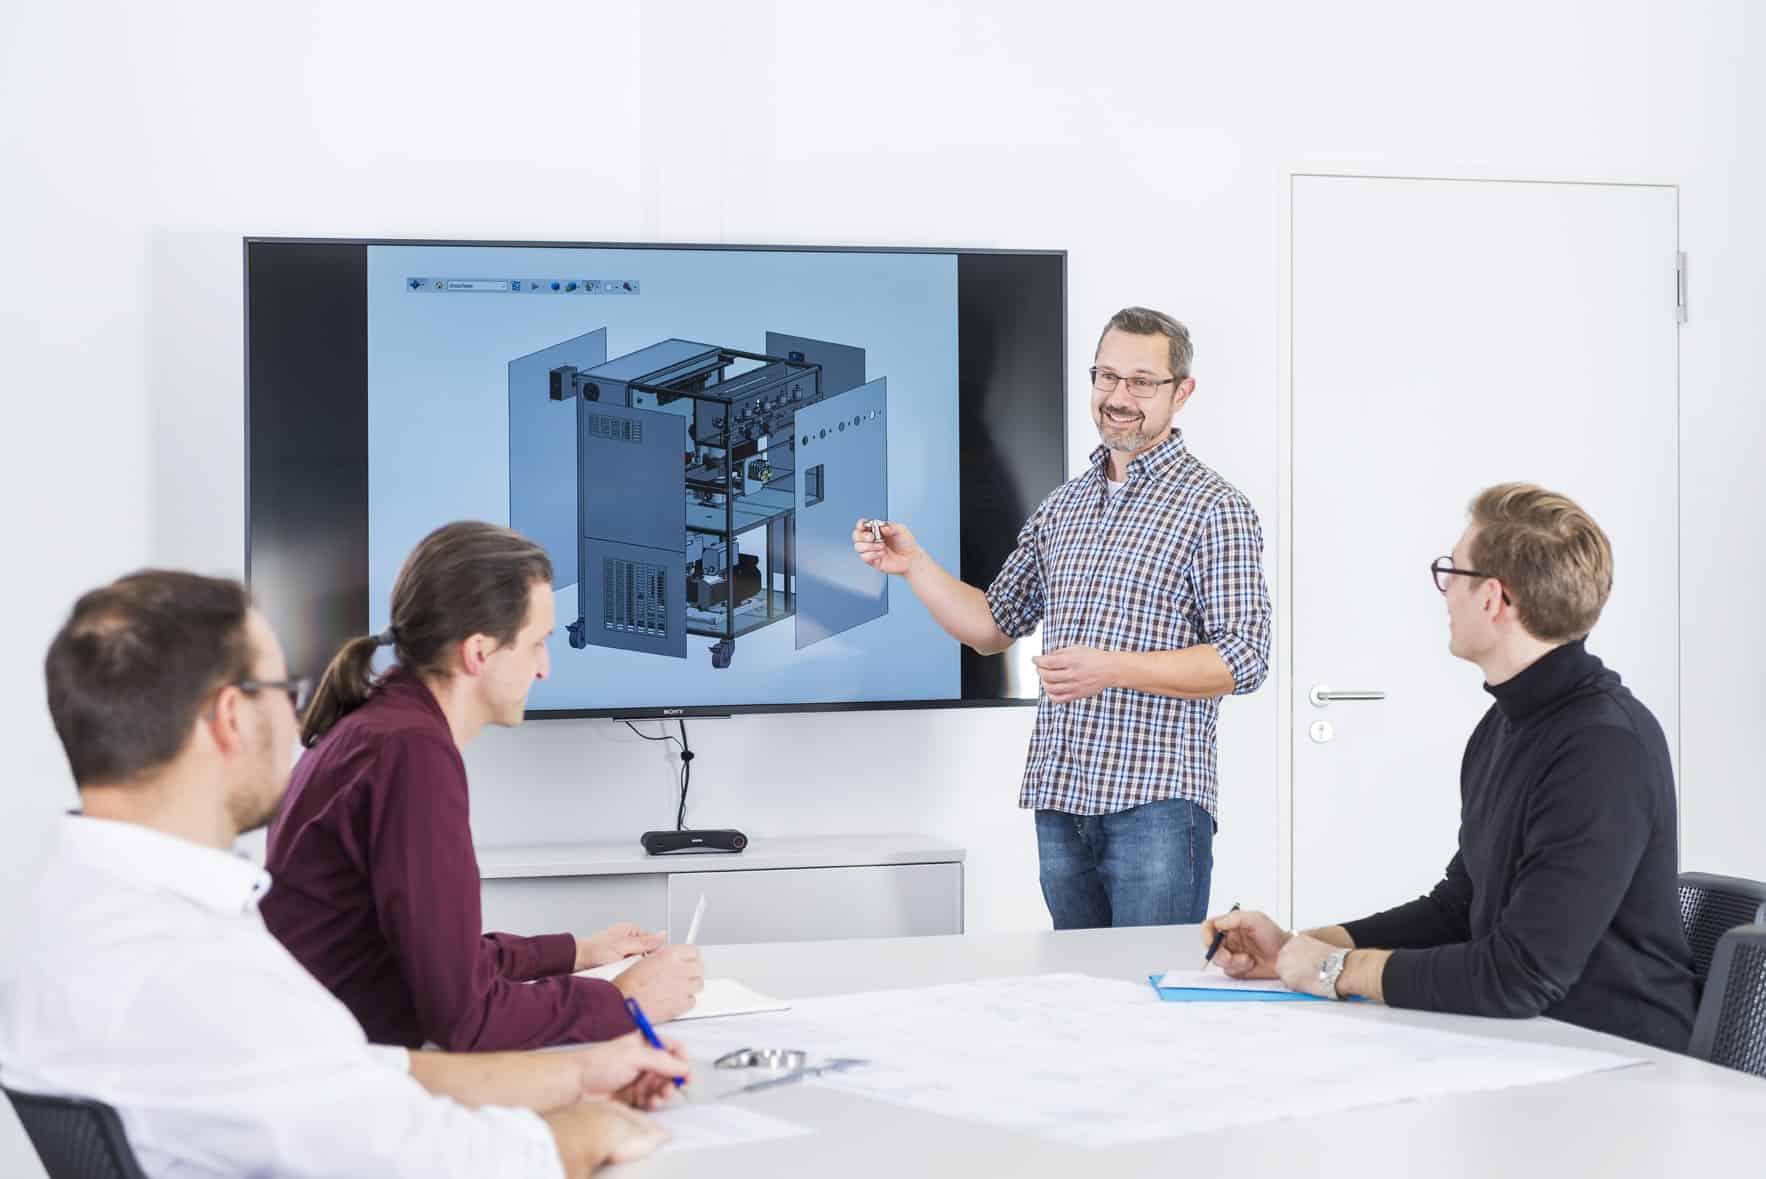 Ein Team-Mitglied hält eine Präsentation vor drei weiteren Personen